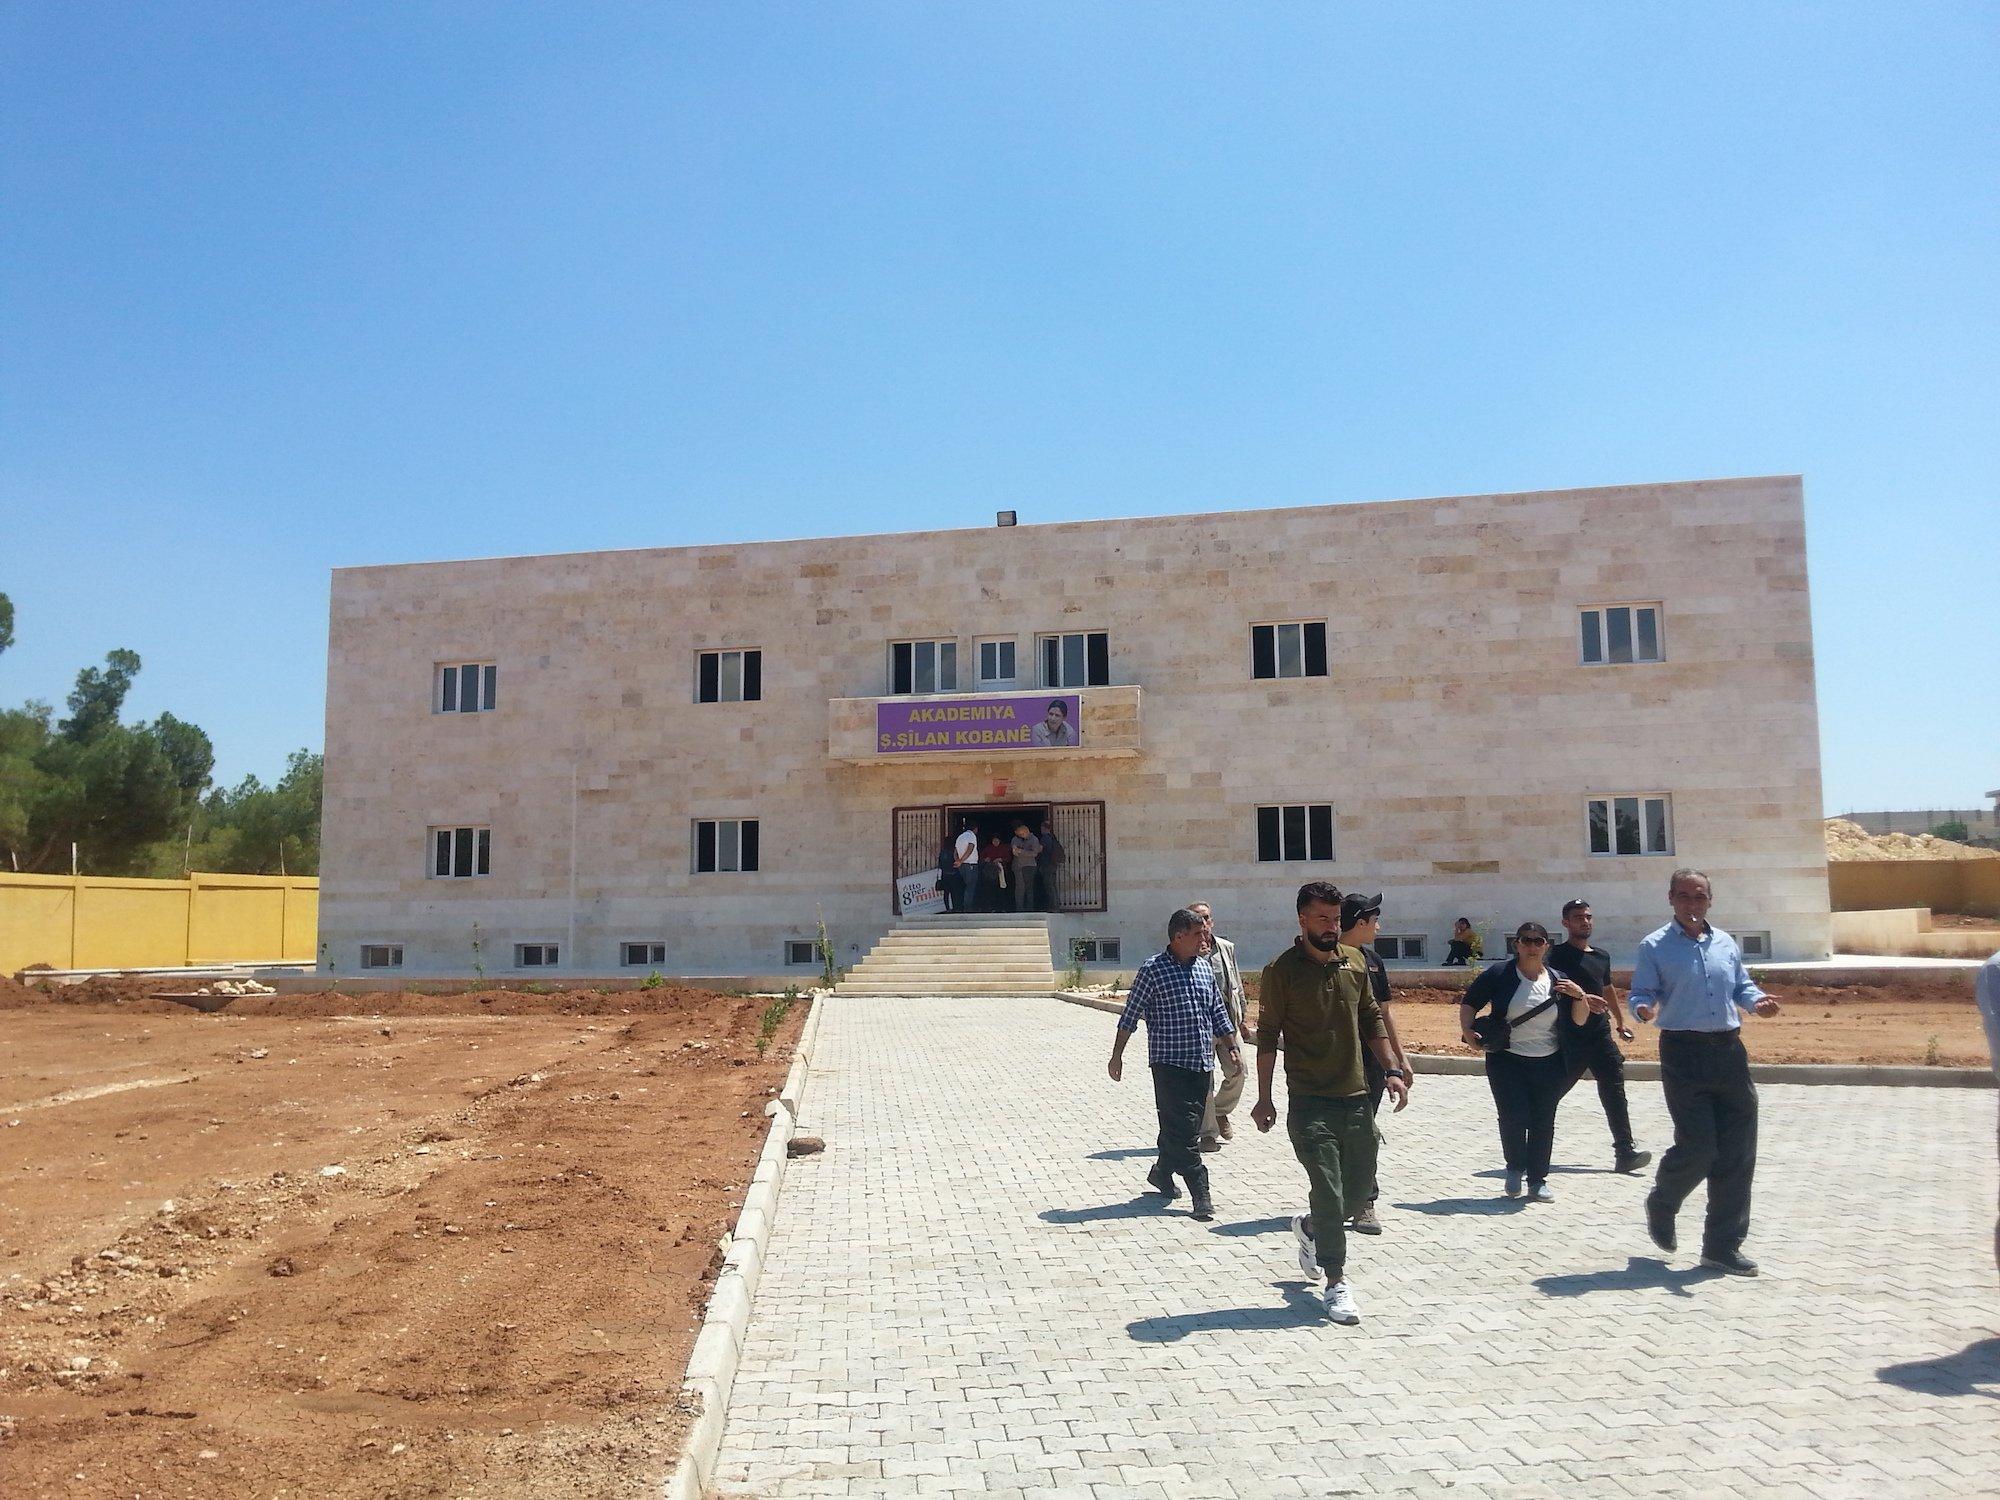 L'Accademia delle donne, finanziata dalla Provincia autonoma di Bolzano e dalla Tavola valdese, nell'ambito del progetto «Ponte donna Kobane», sempre con il supporto dell'Ufficio informazioni del Kurdistan in Italia (UIKI).